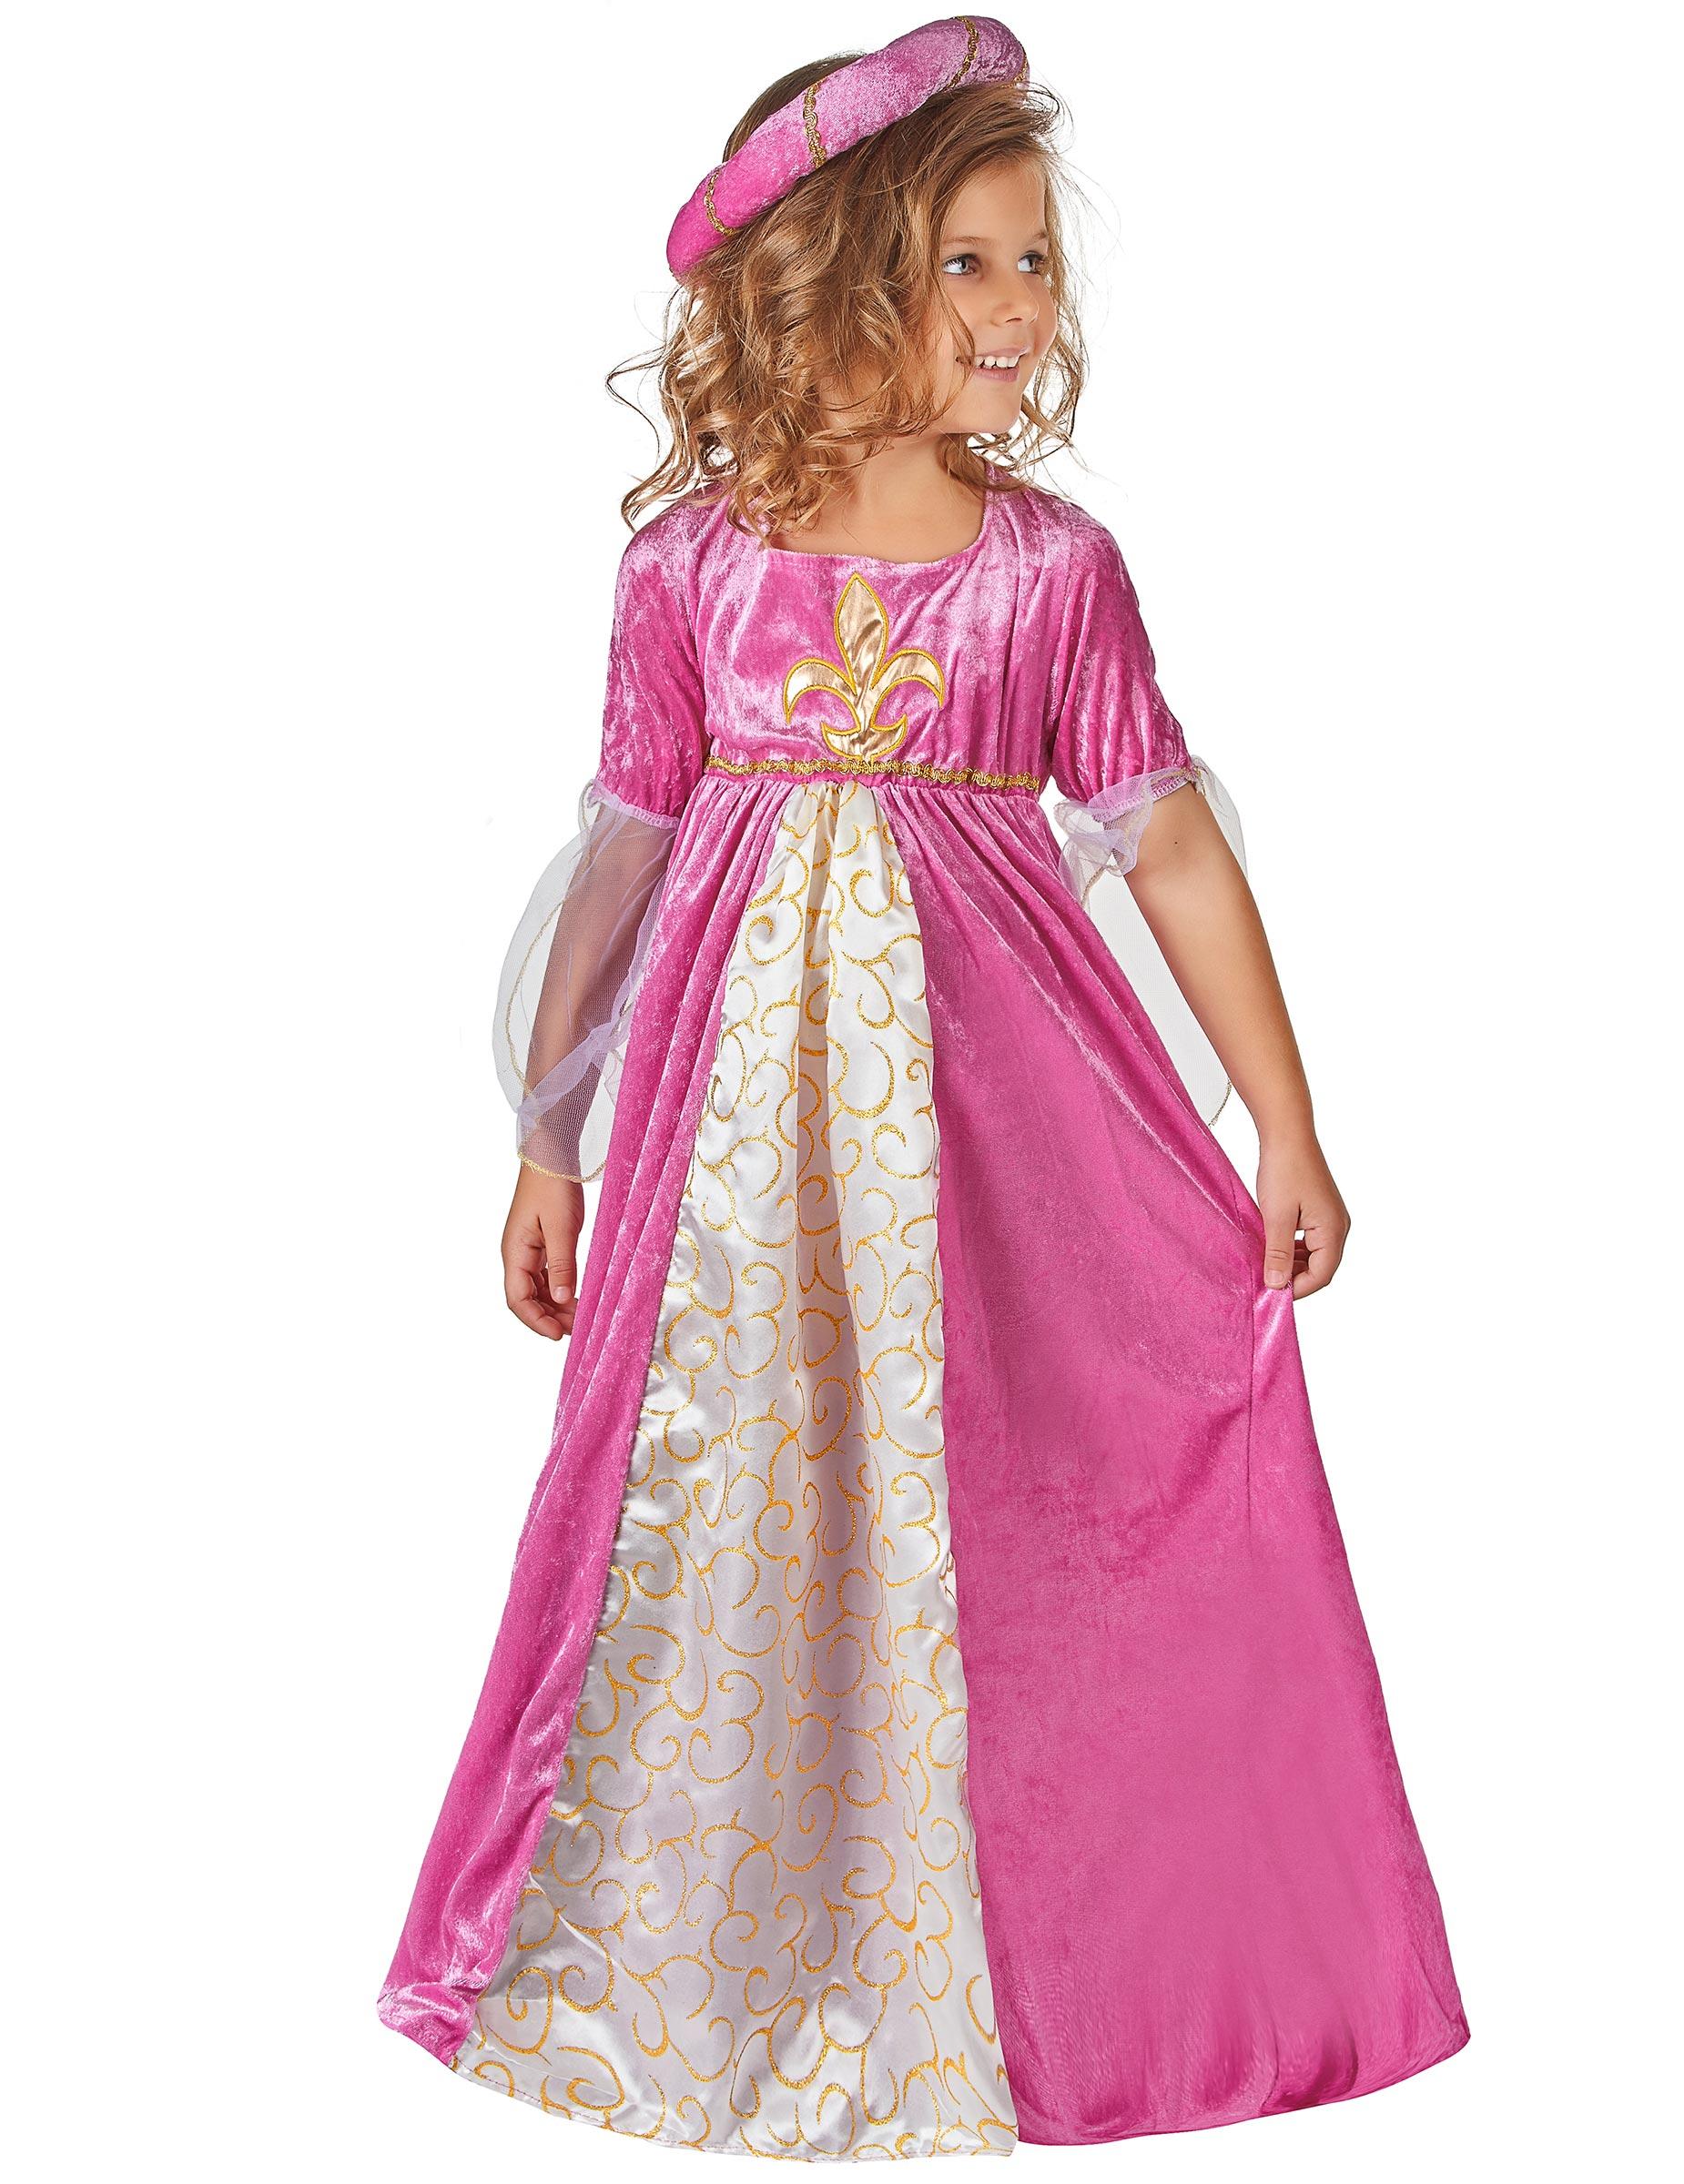 d guisement princesse m di vale fille deguise toi achat de d guisements enfants. Black Bedroom Furniture Sets. Home Design Ideas